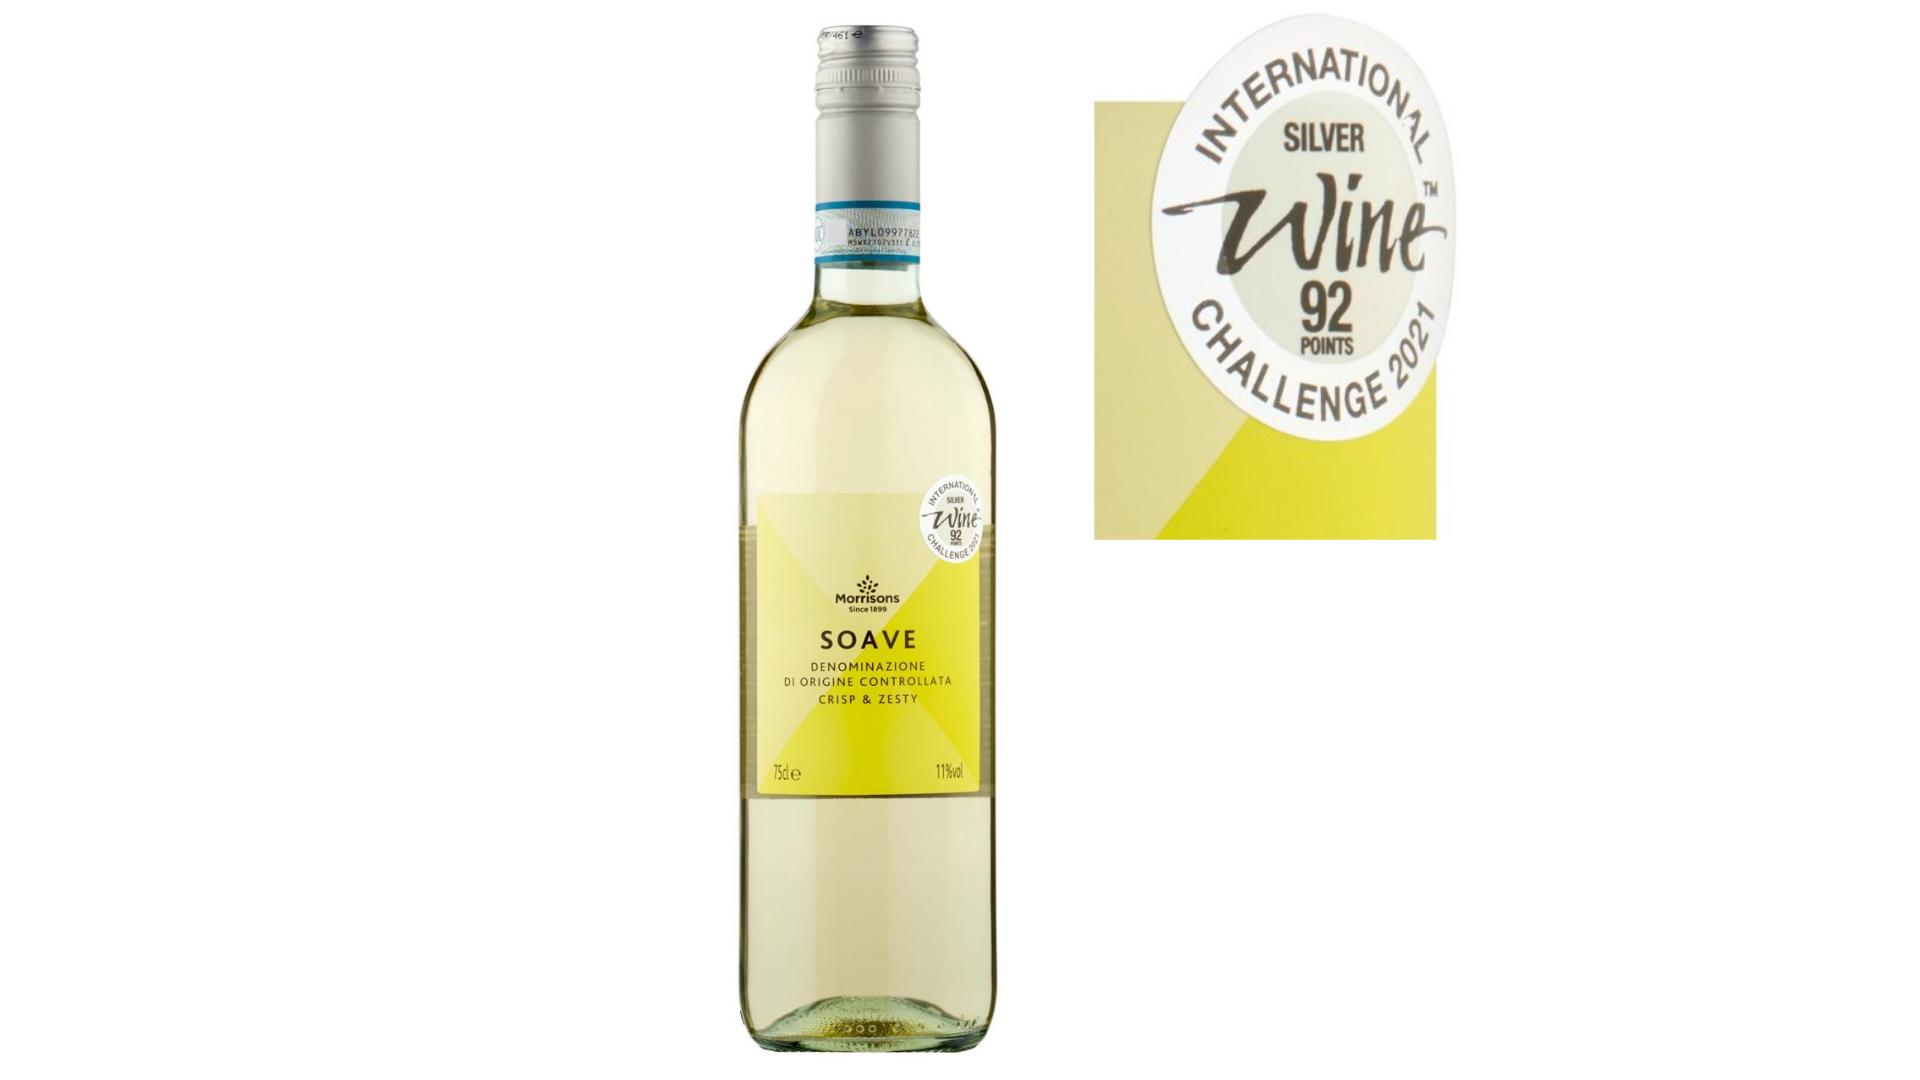 l'un des meilleurs vins bon marché - Morrisons Soave